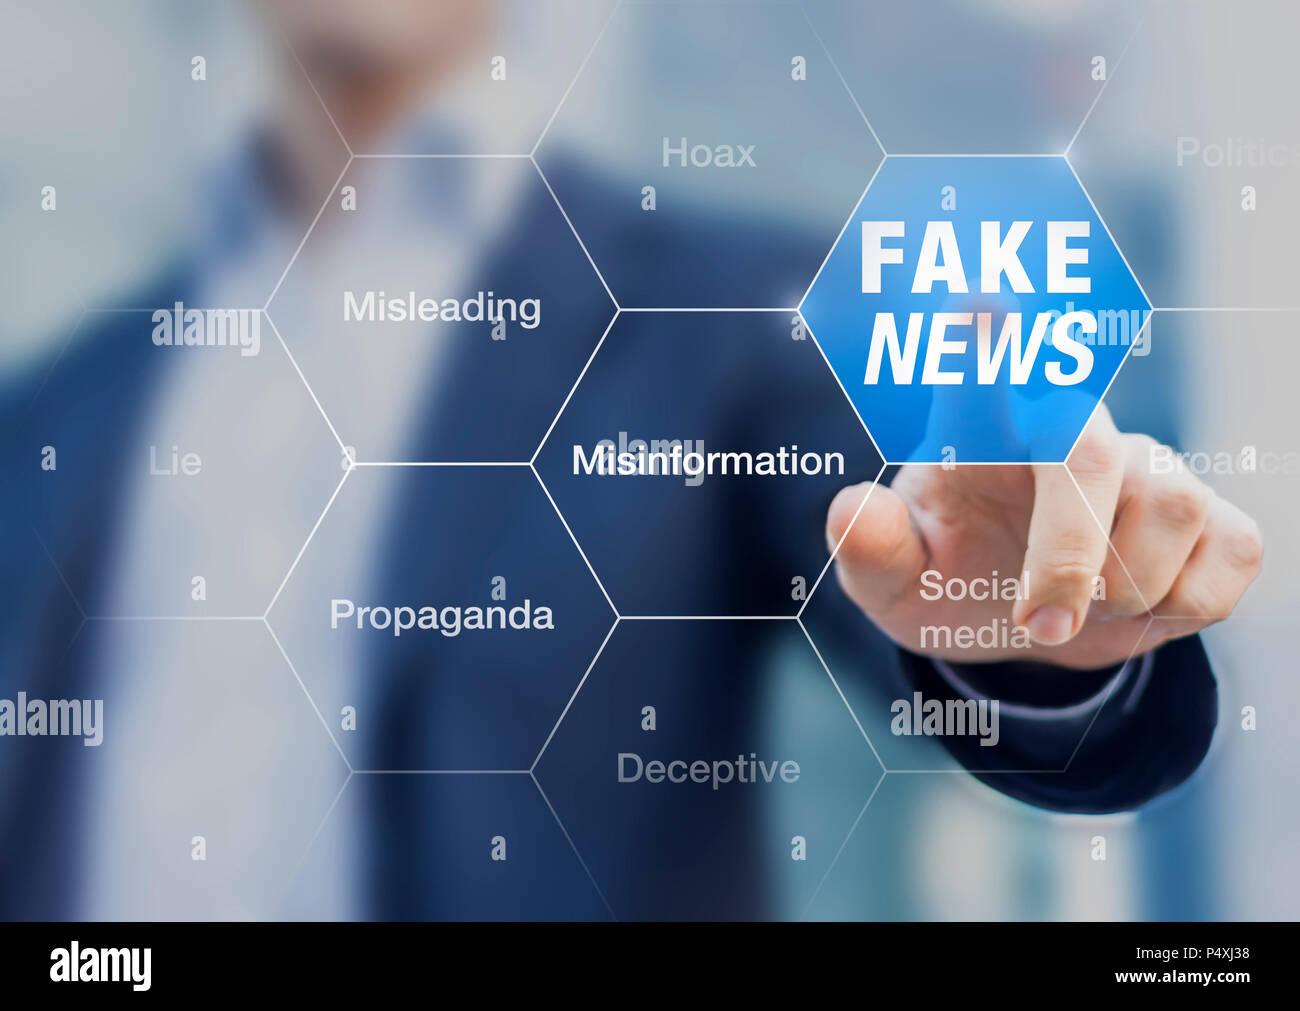 Misleading Stock Photos & Misleading Stock Images - Alamy